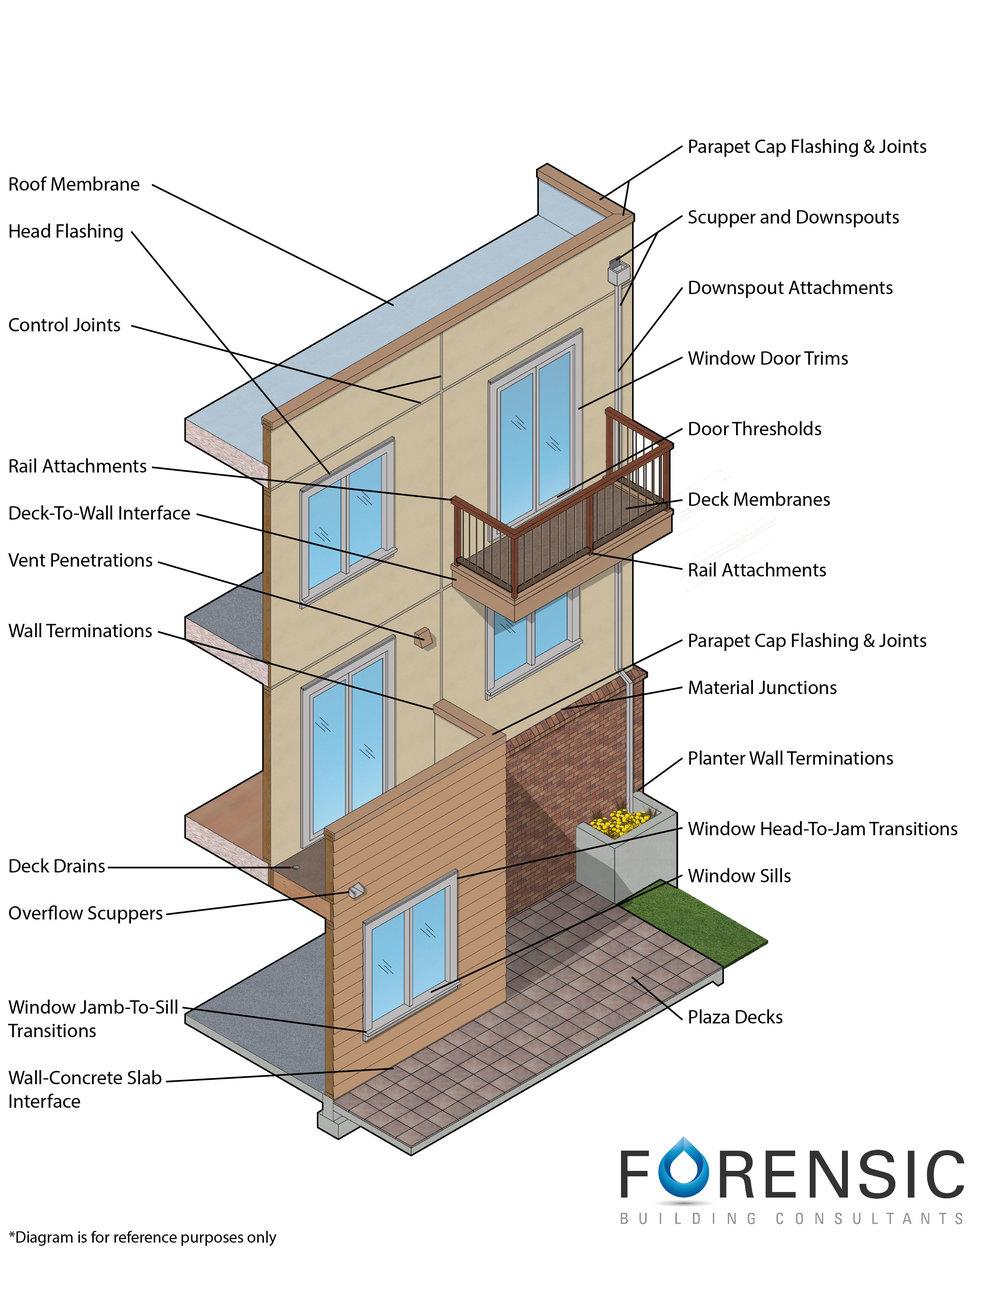 Building Enclosure Anatomy -